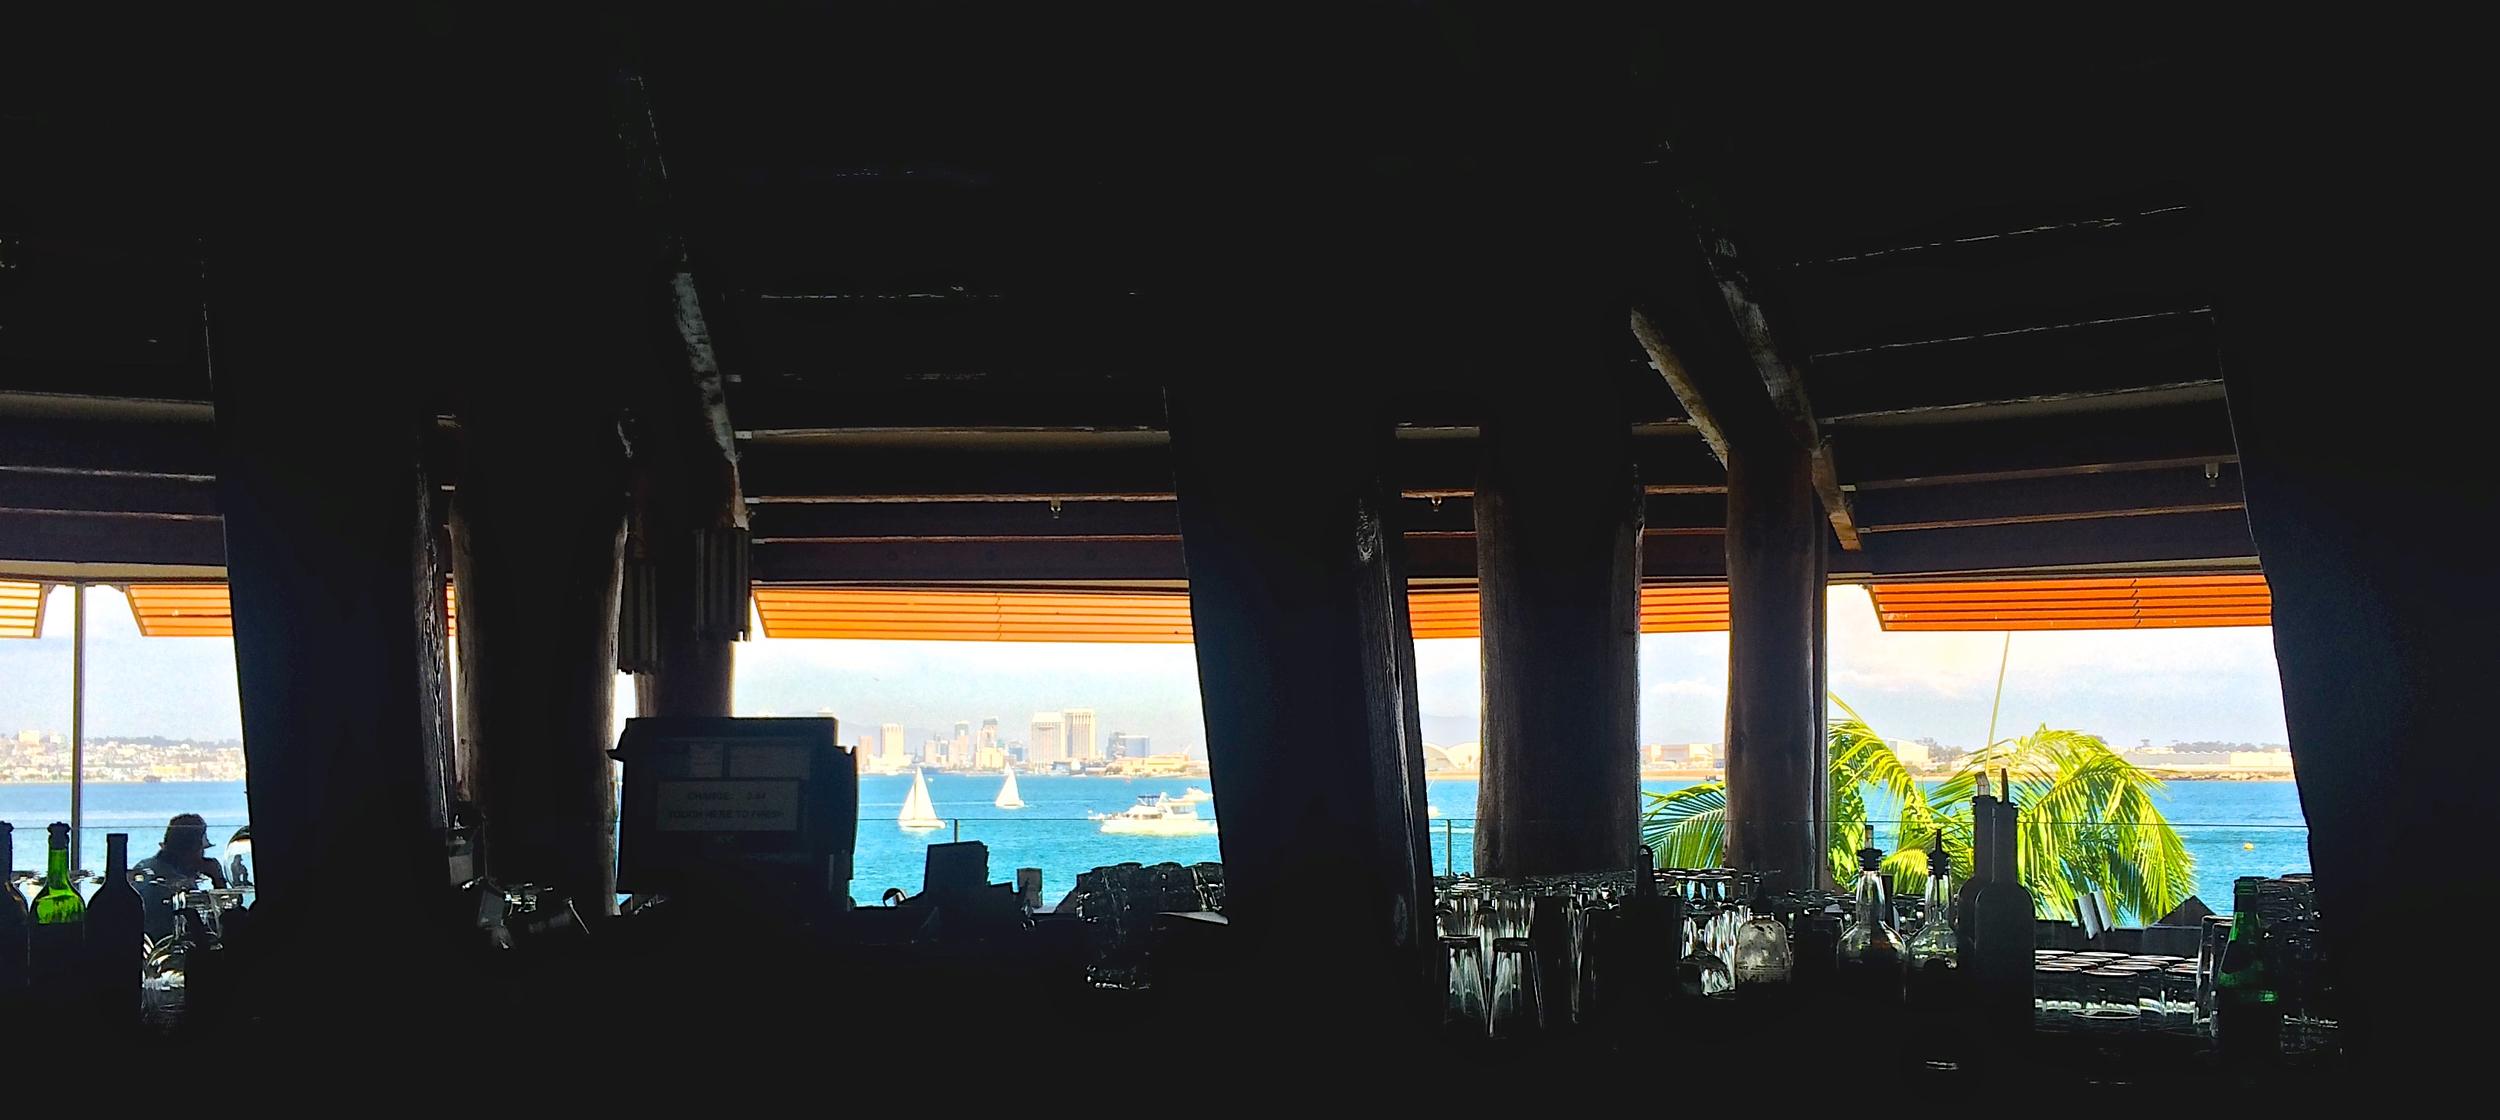 bali-hai-san-diego-view.jpg